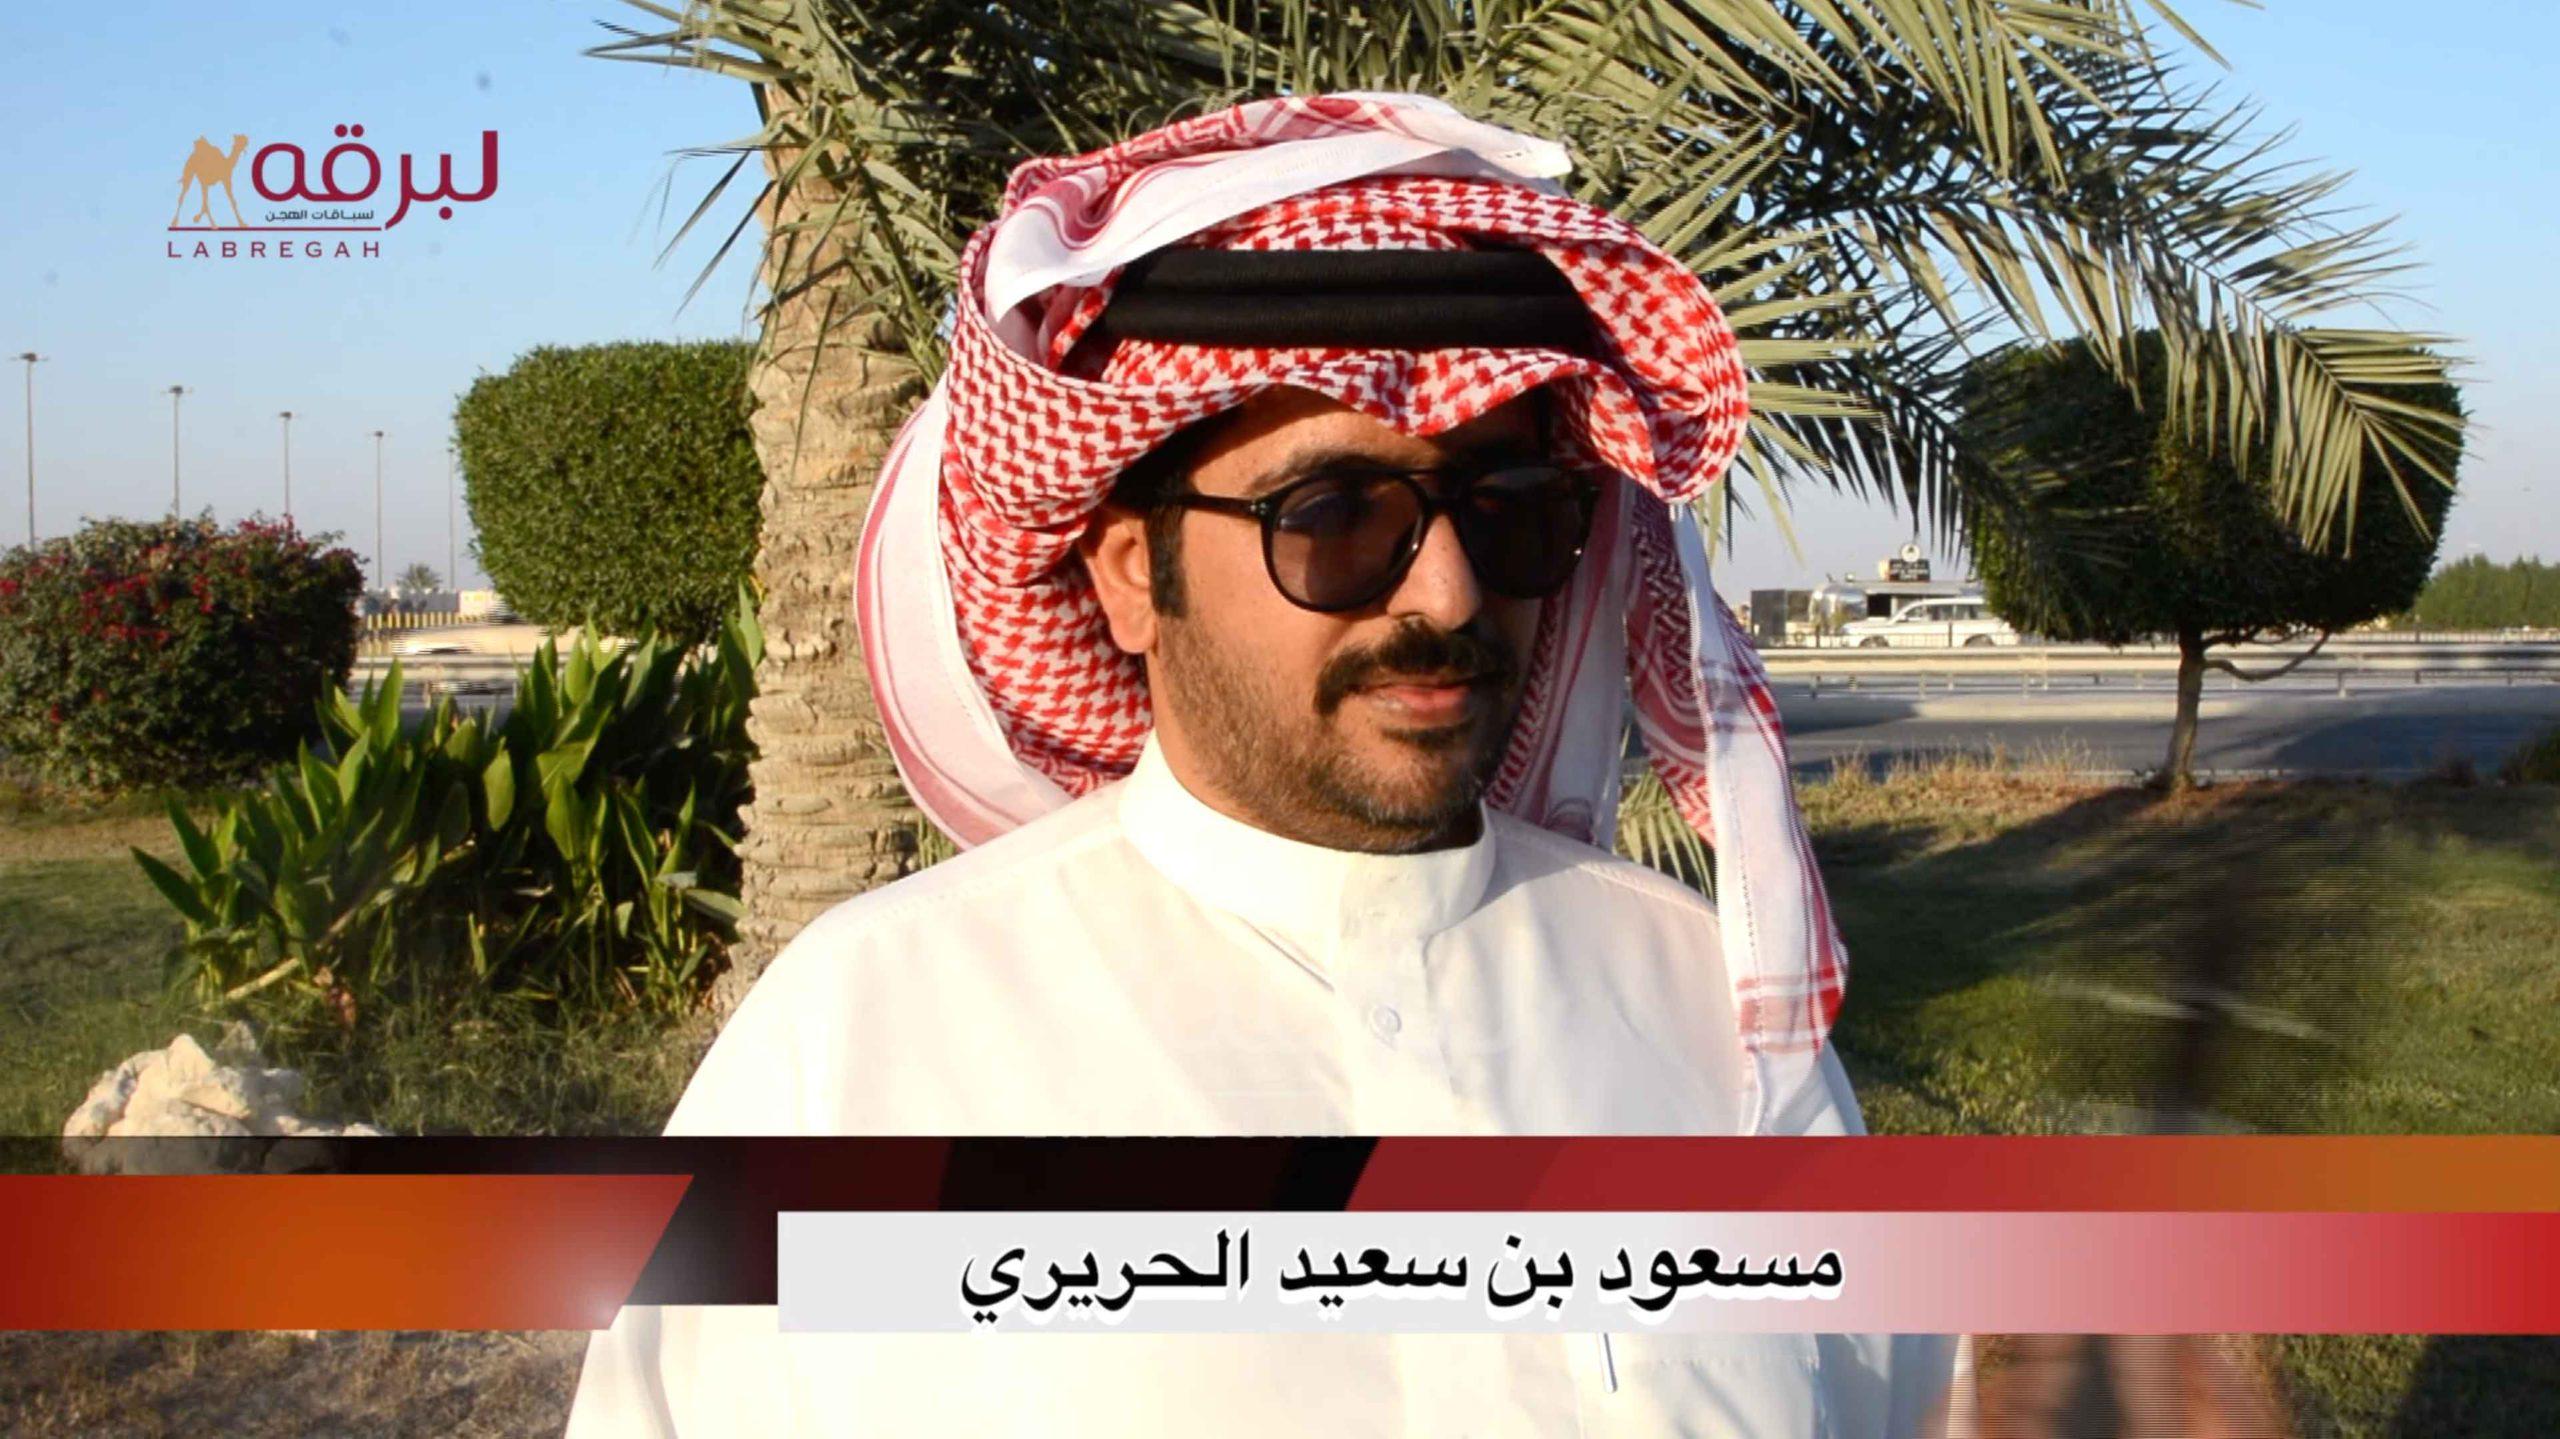 لقاء خاص مع مسعود بن سعيد الحريري.. معلق سباقات الهجن بميدان الشحانية